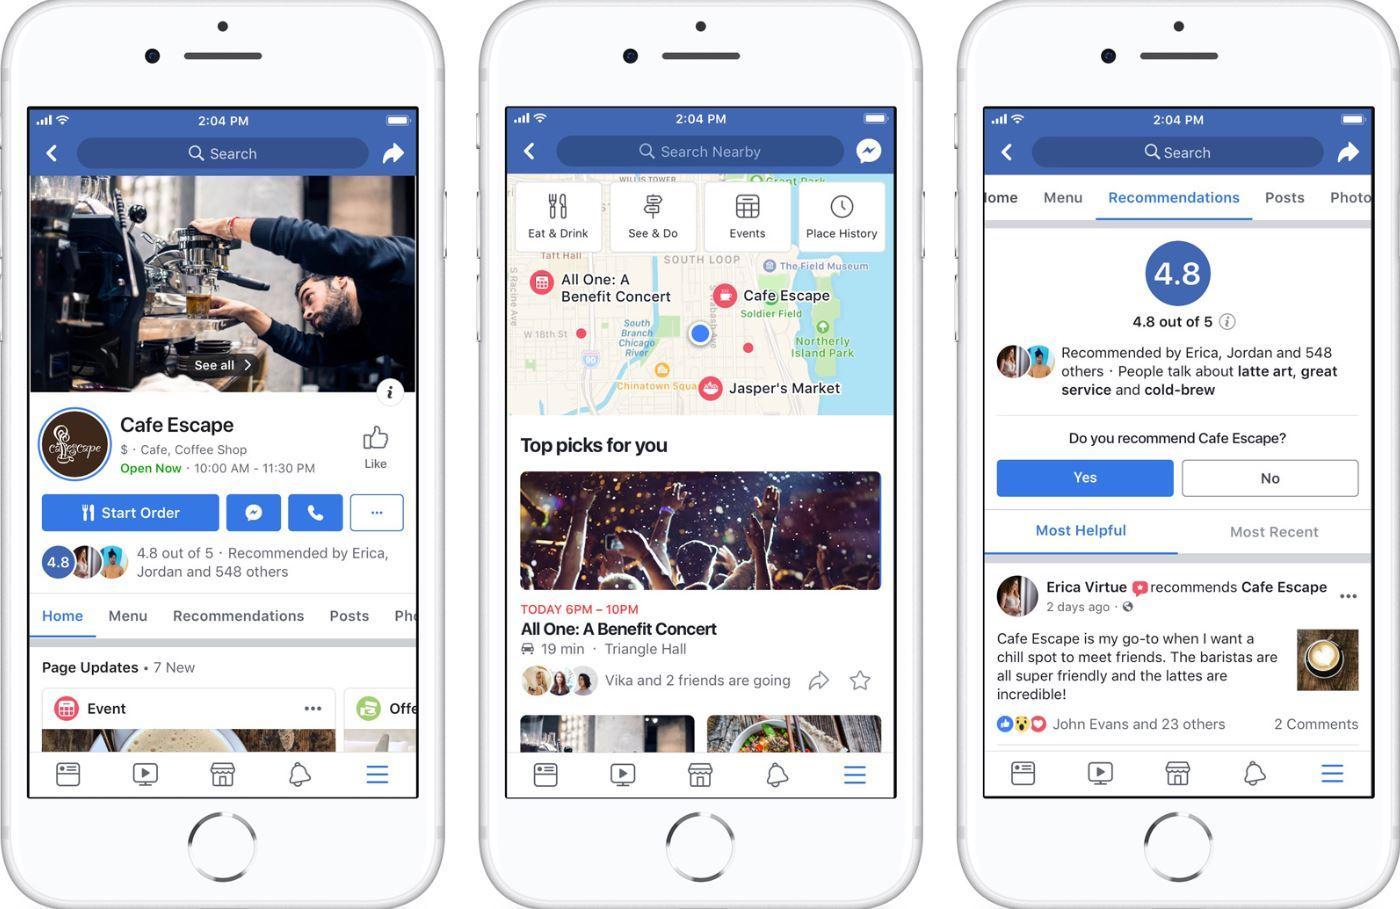 Cosa cambia nel nuovo design delle pagine sull'app di Facebook